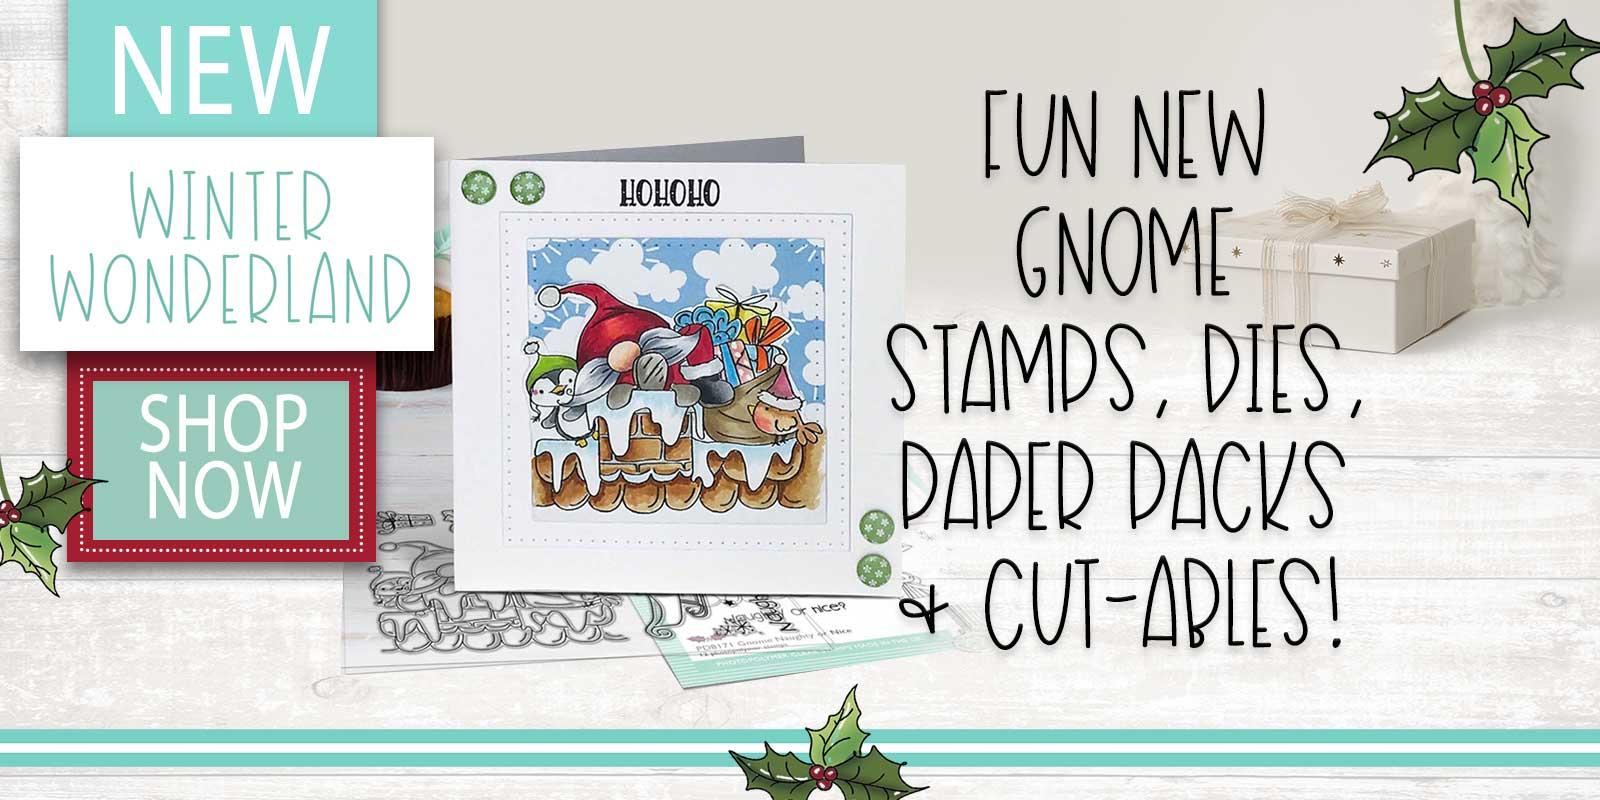 WINTER WONDERLAND GNOME STAMPS DIES PAPER CRAFT SUPPLIES